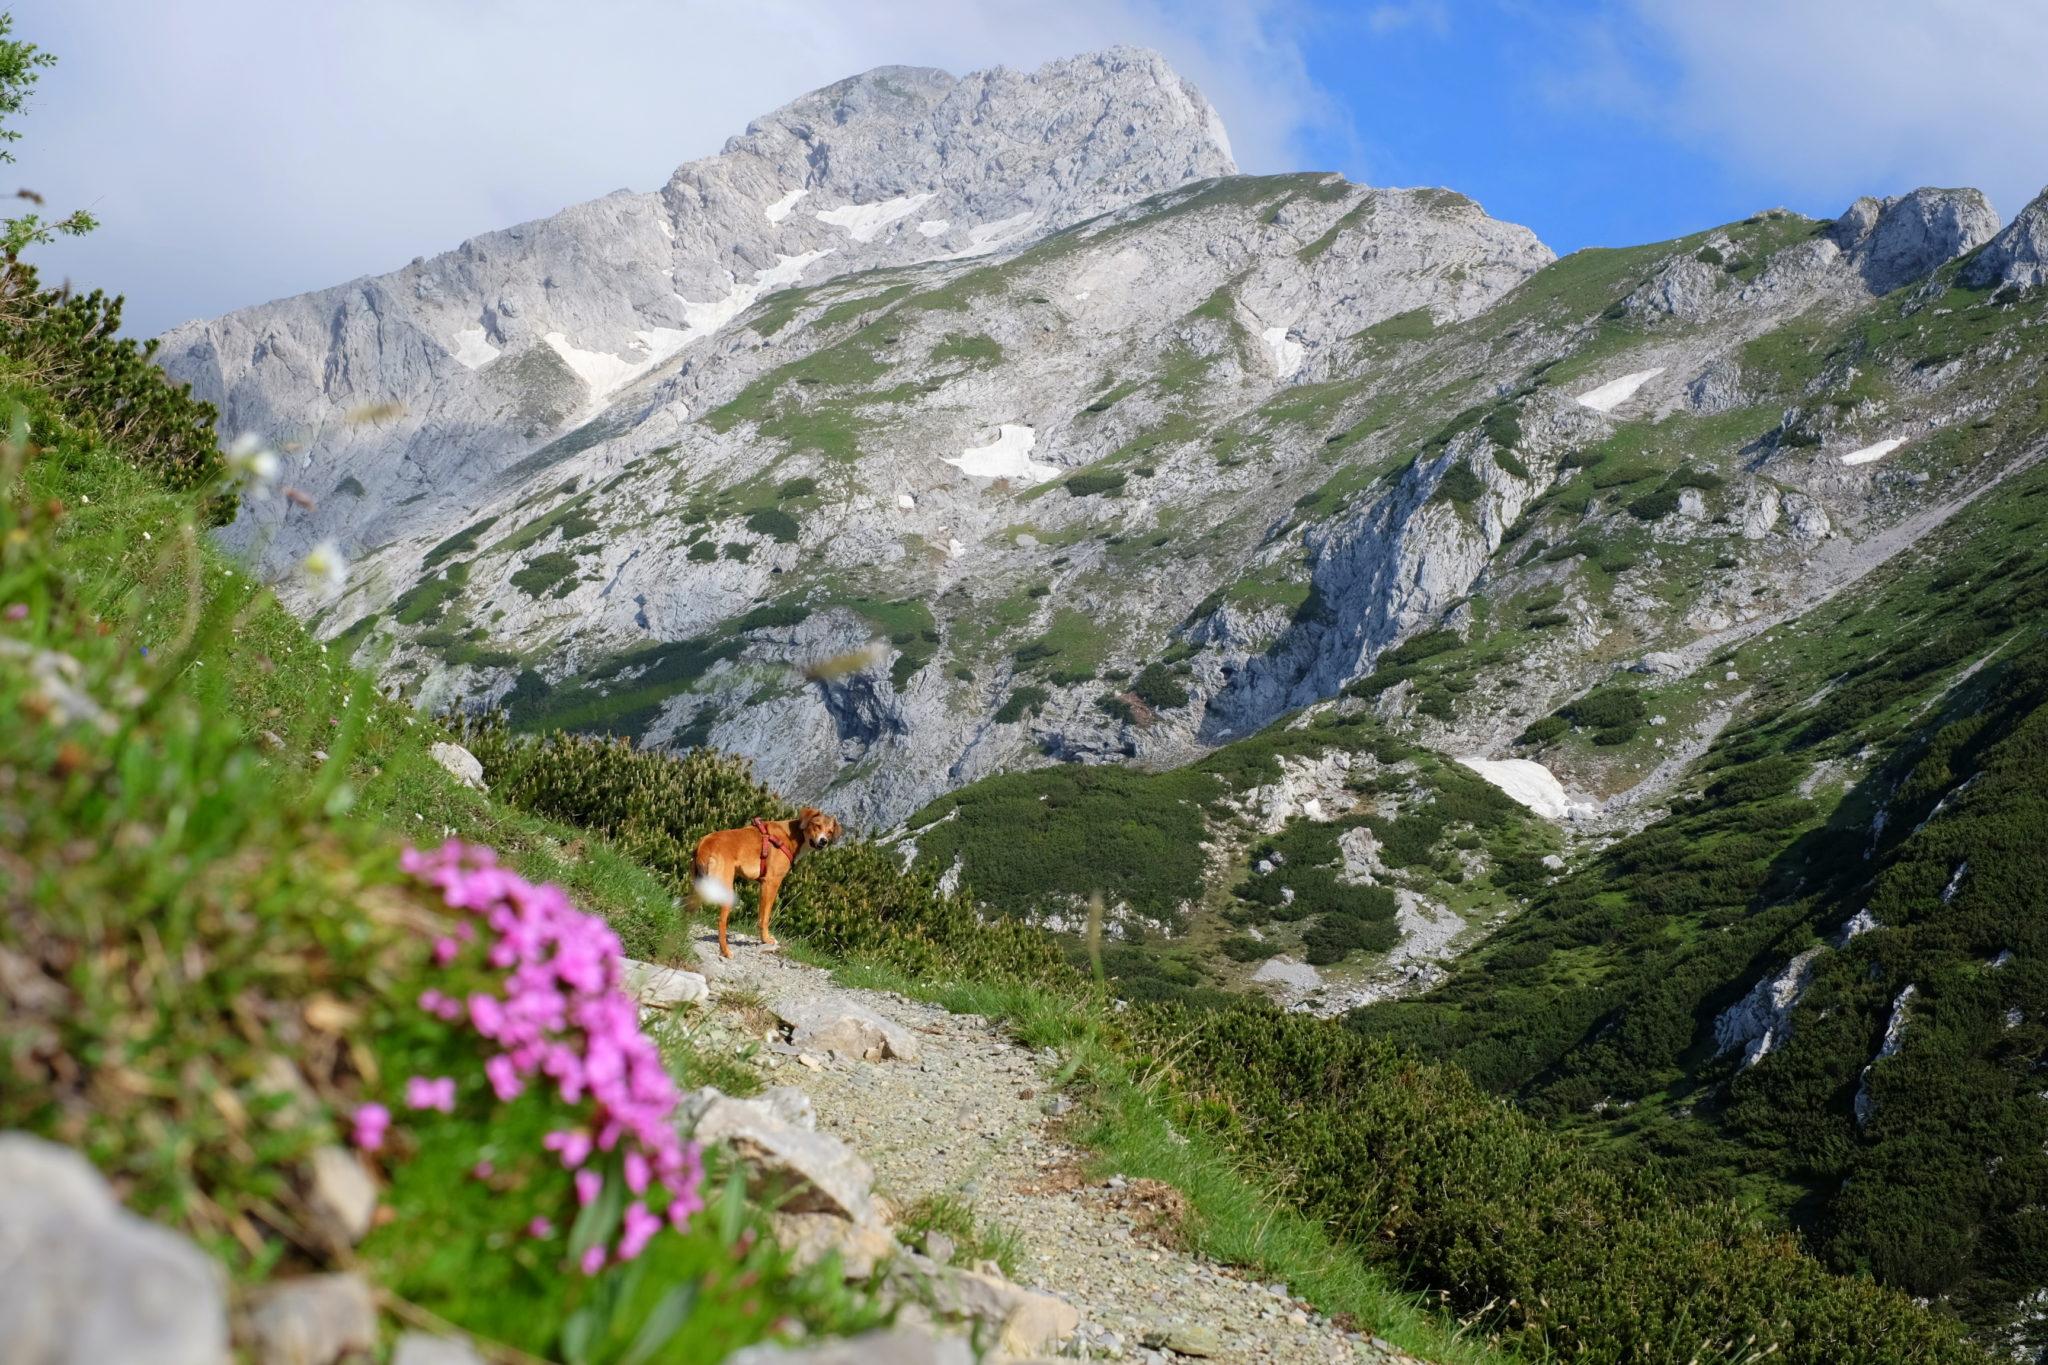 The trail from Podvežak towards Ojstrica and Korošica, the Kamnik-Savinja Alps, Slovenia